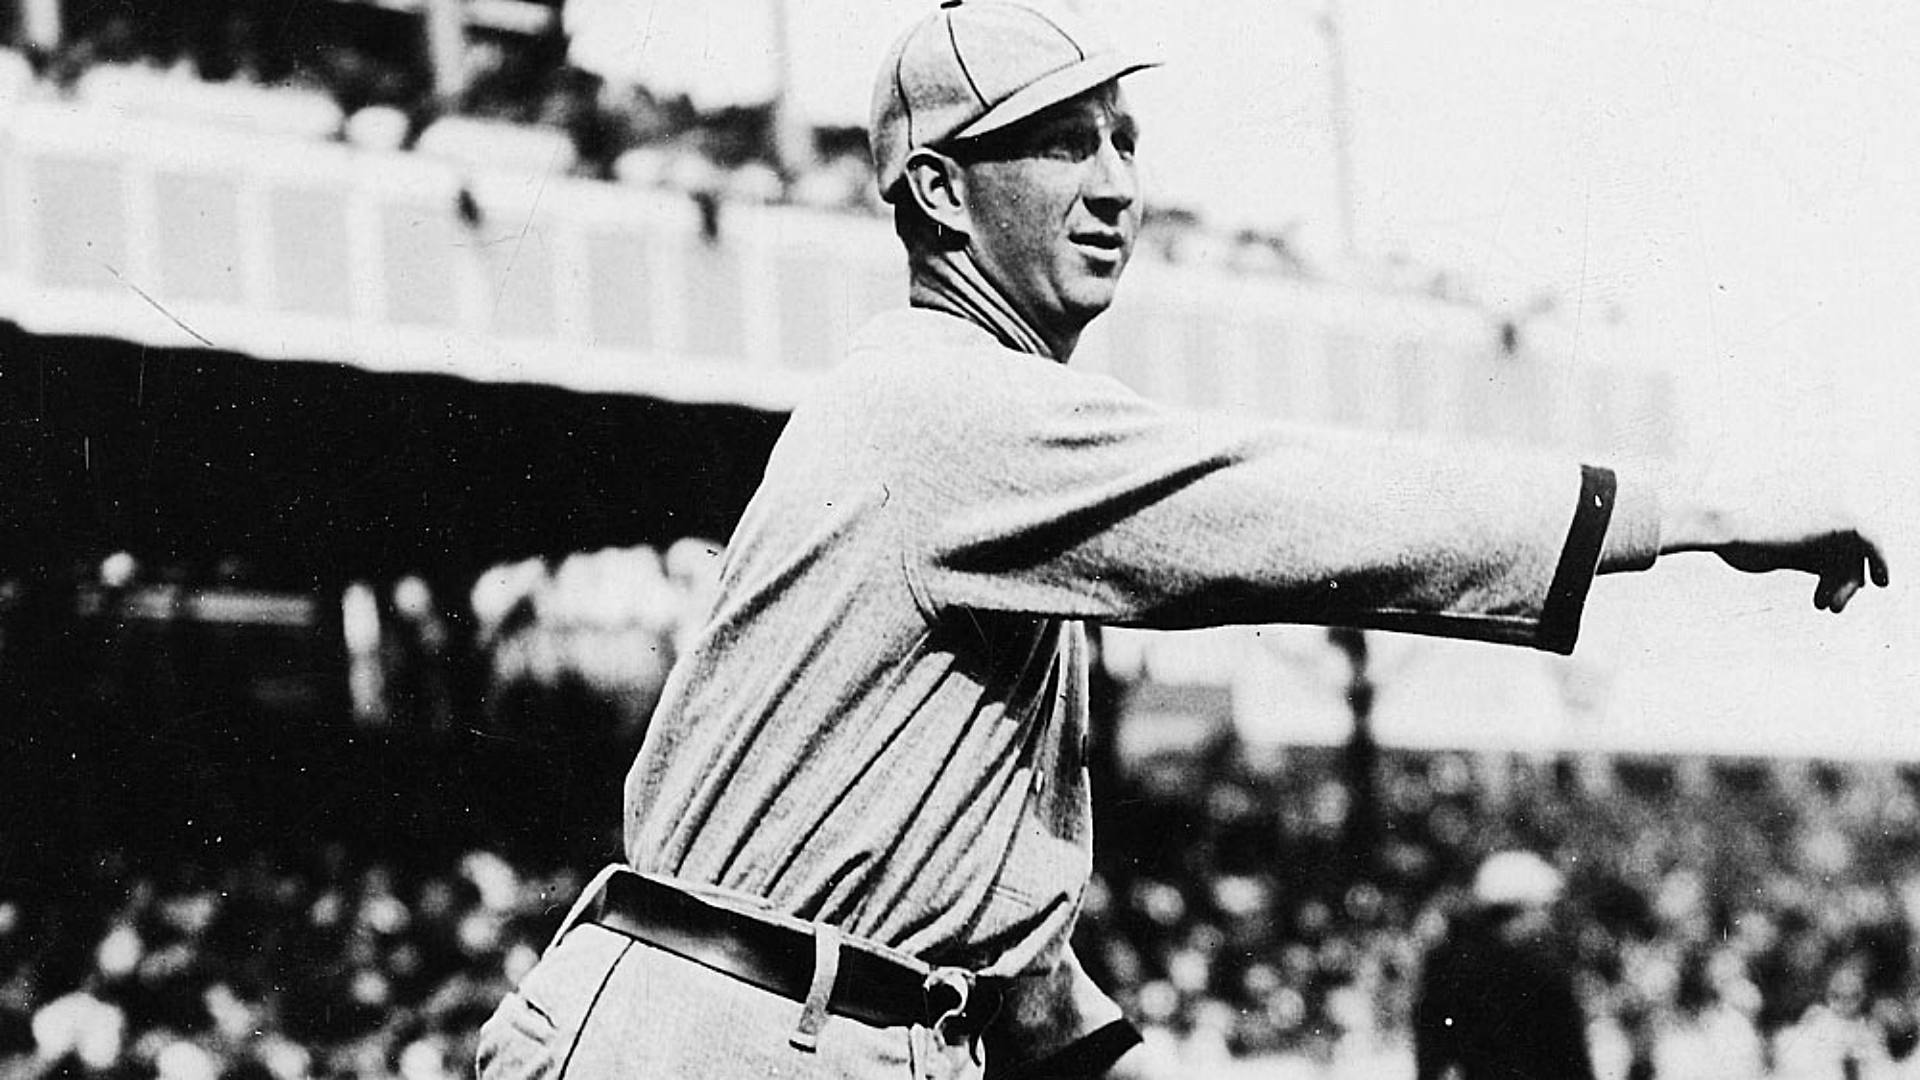 Resultado de imagen para Eddie Grant baseball